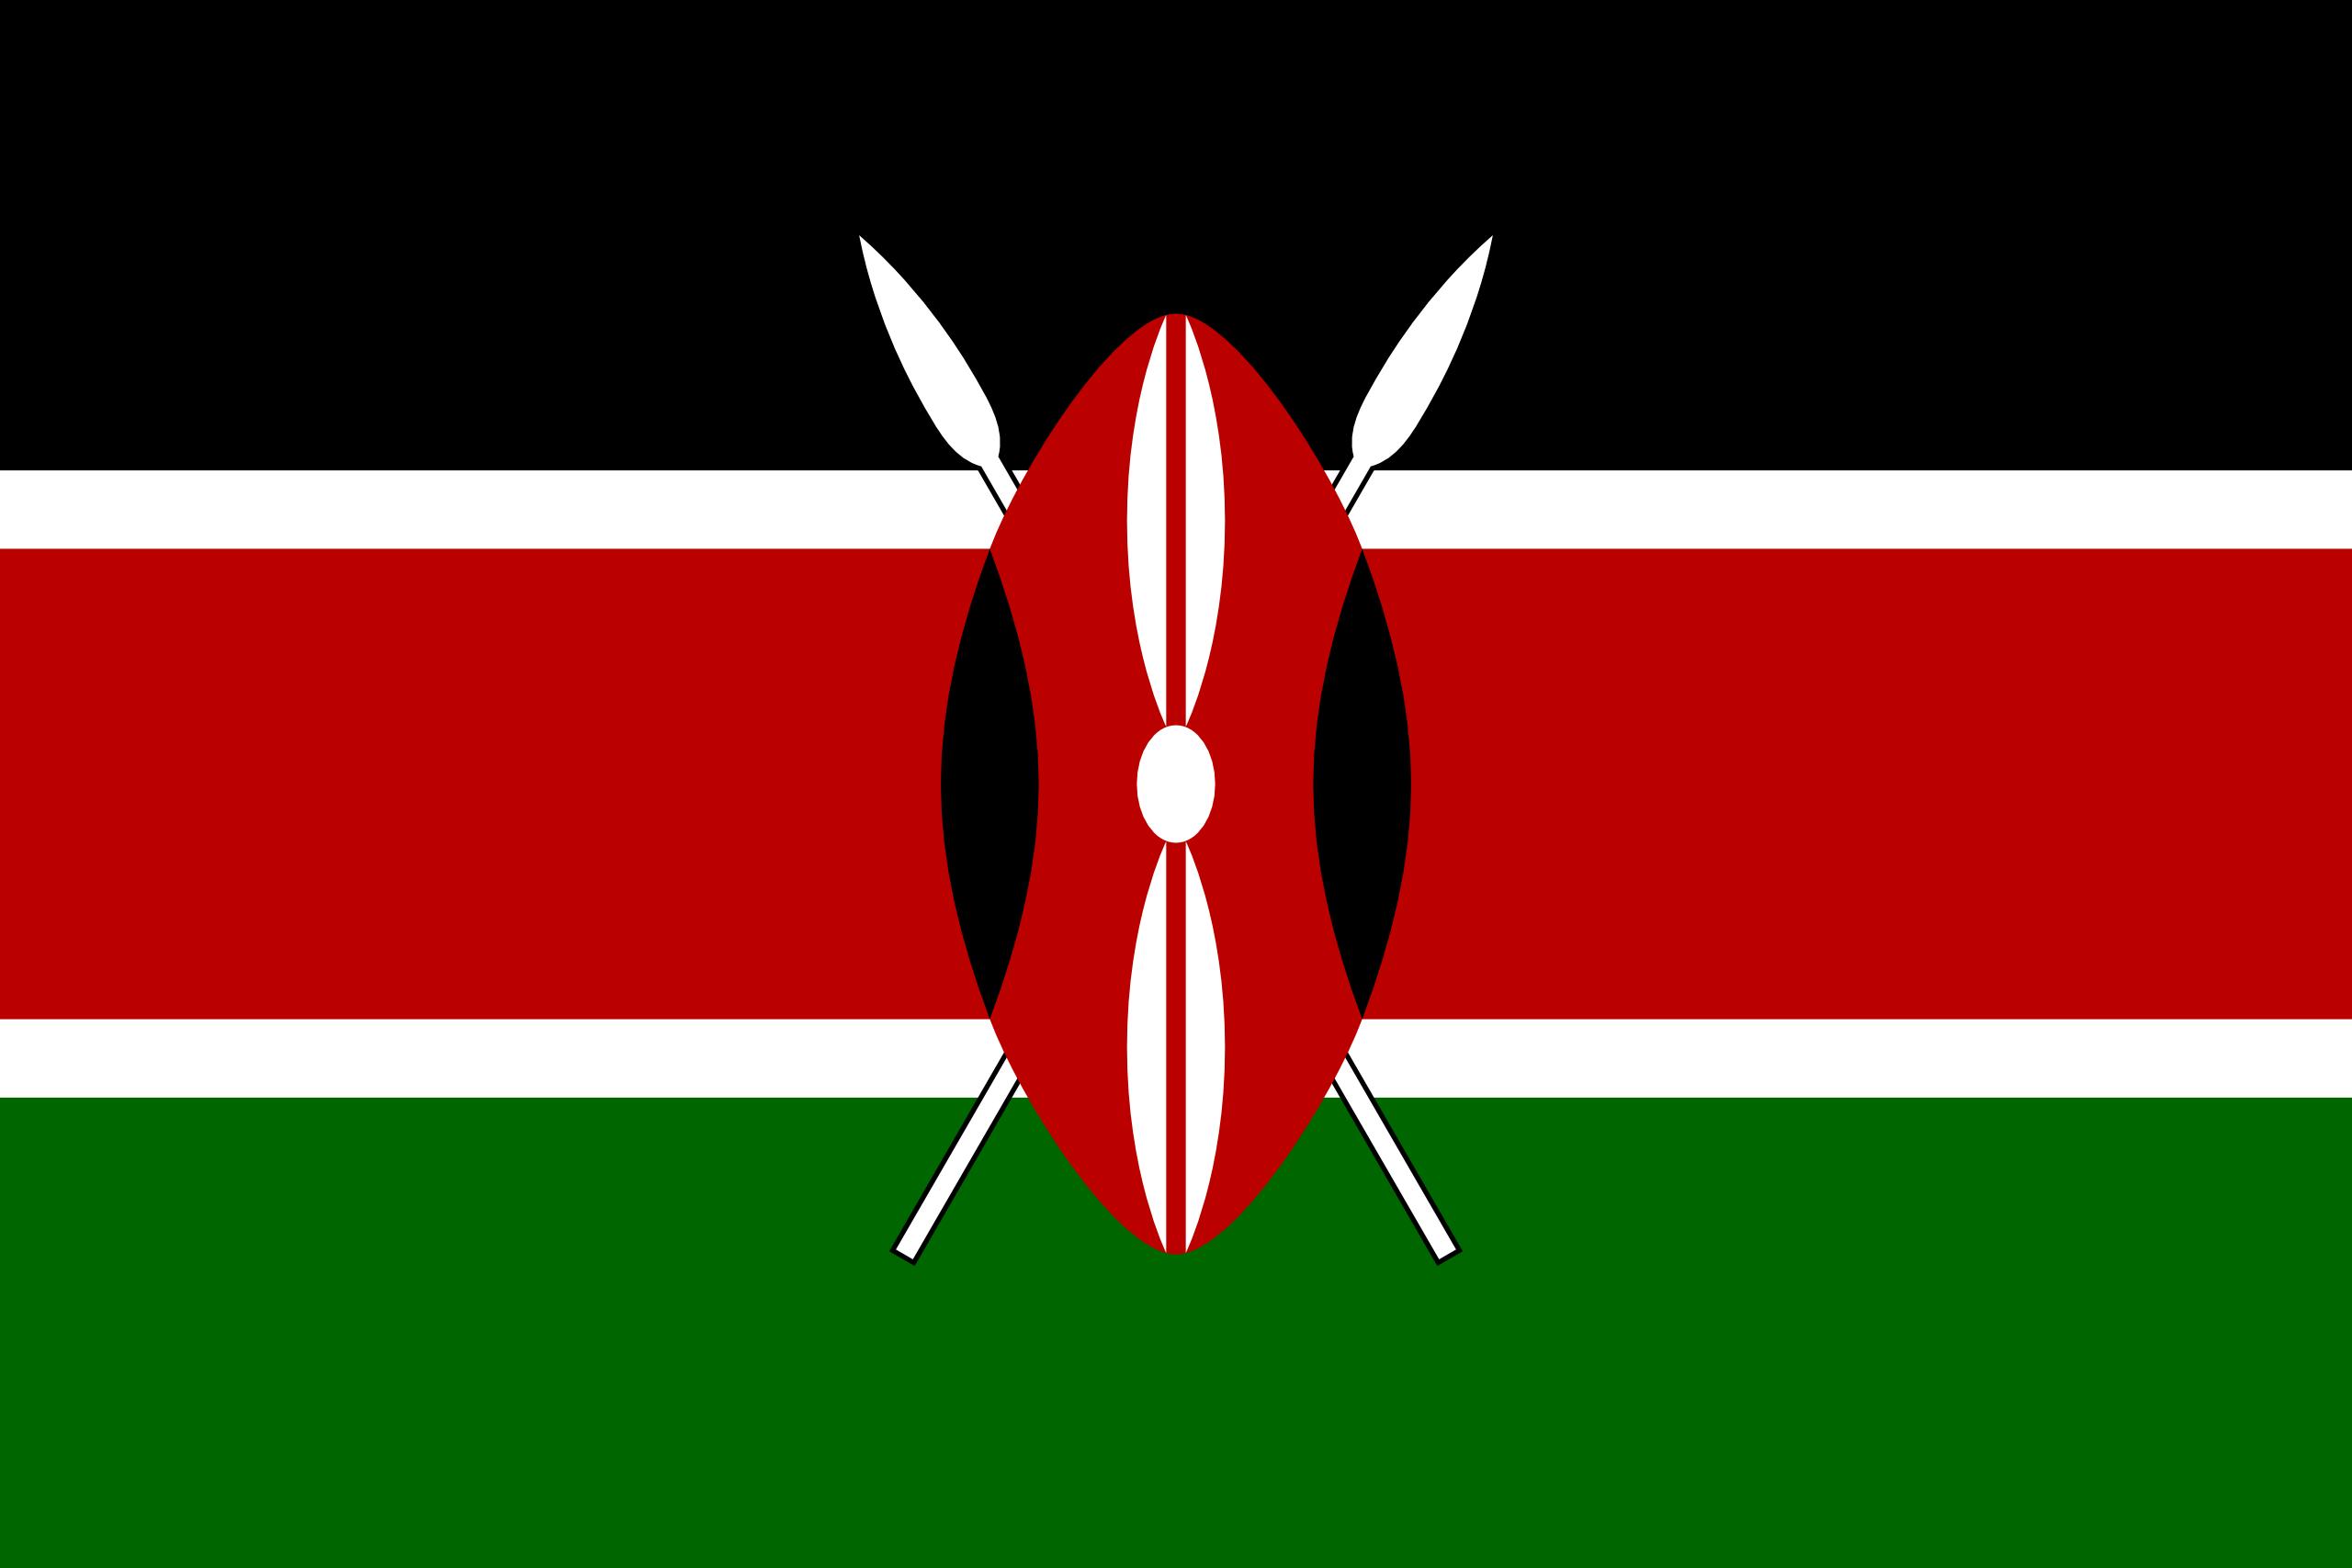 kenia, χώρα, έμβλημα, λογότυπο, σύμβολο - Wallpapers HD - Professor-falken.com